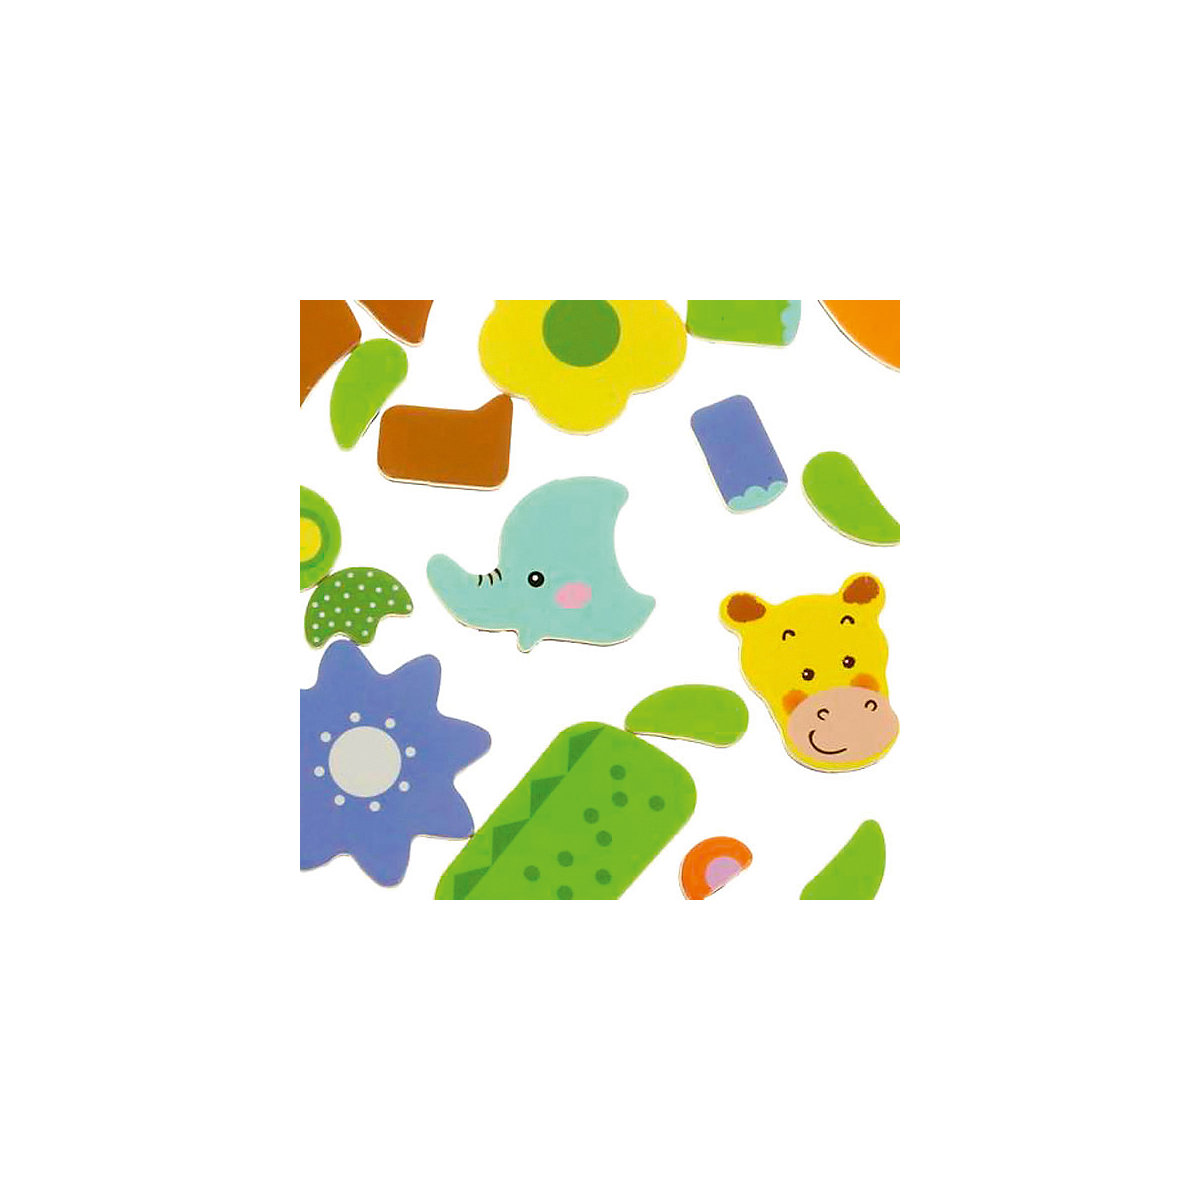 MAPACHA Holz Blöcke 4925605 für jungen und mädchen Pädagogisches spielzeug für kinder Baby Kinder MTpromo - 4